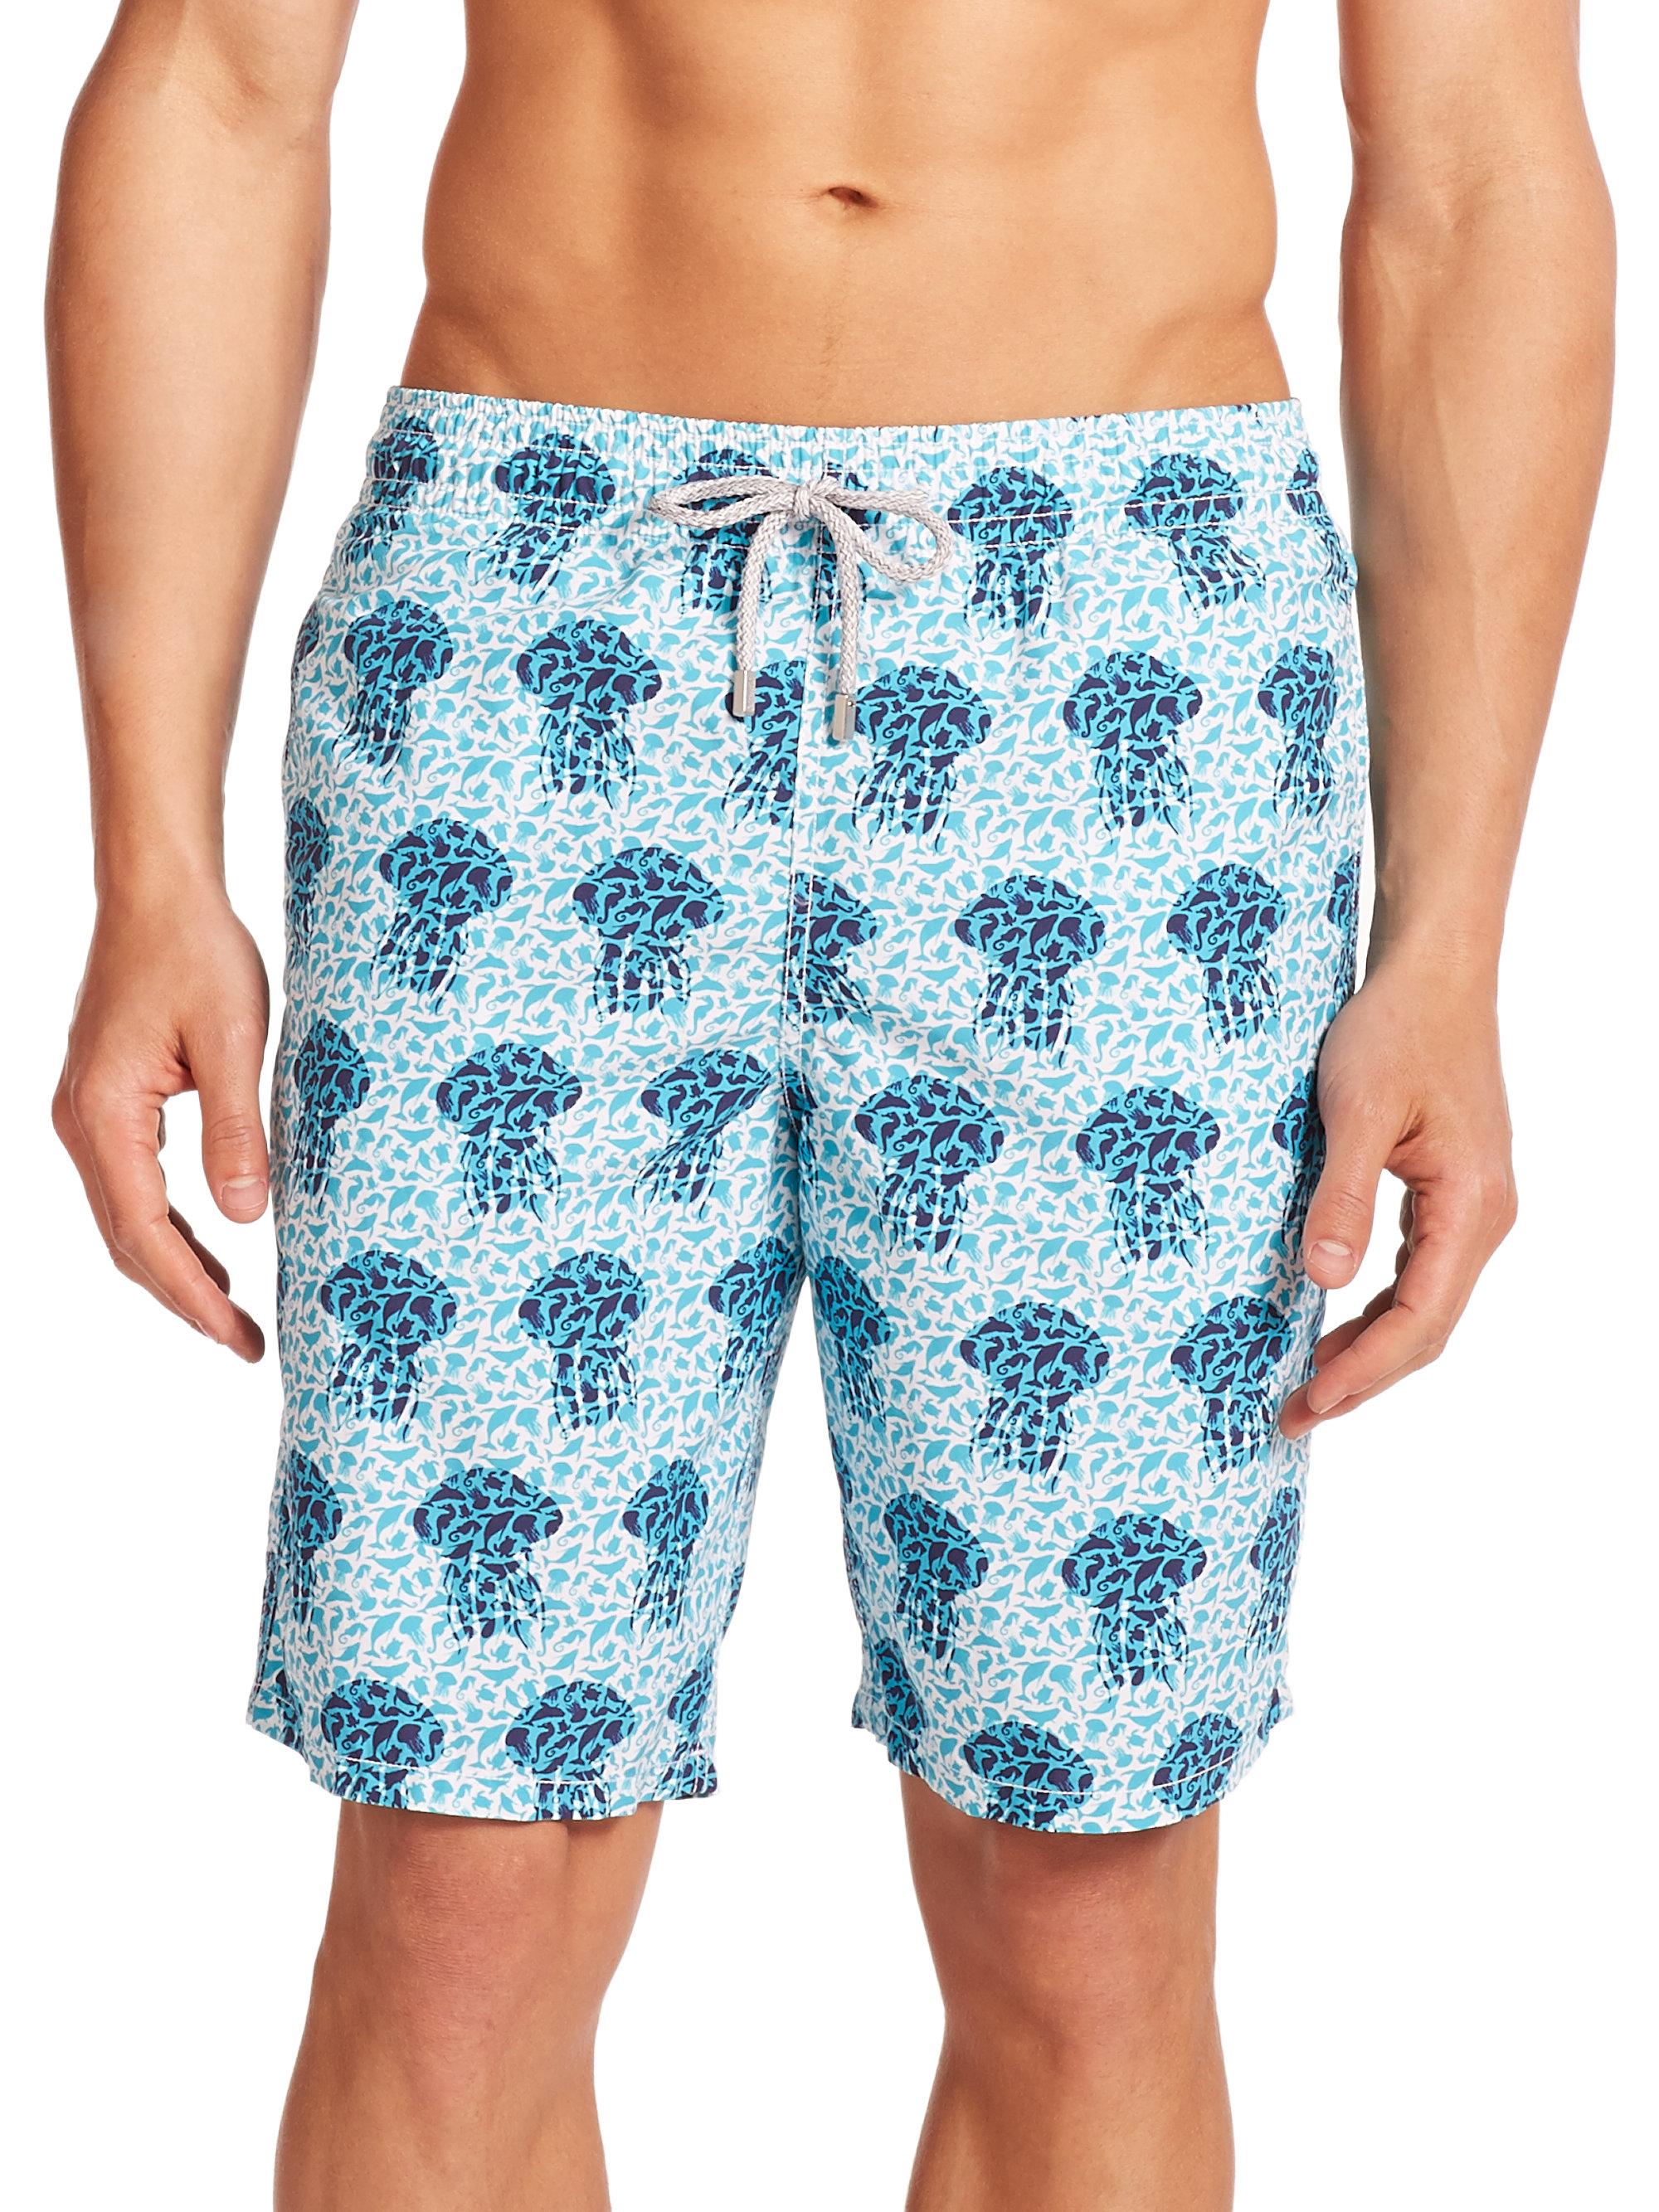 Vilebrequin moorea jelly fish swim trunks in blue for men for Fishing swim trunks